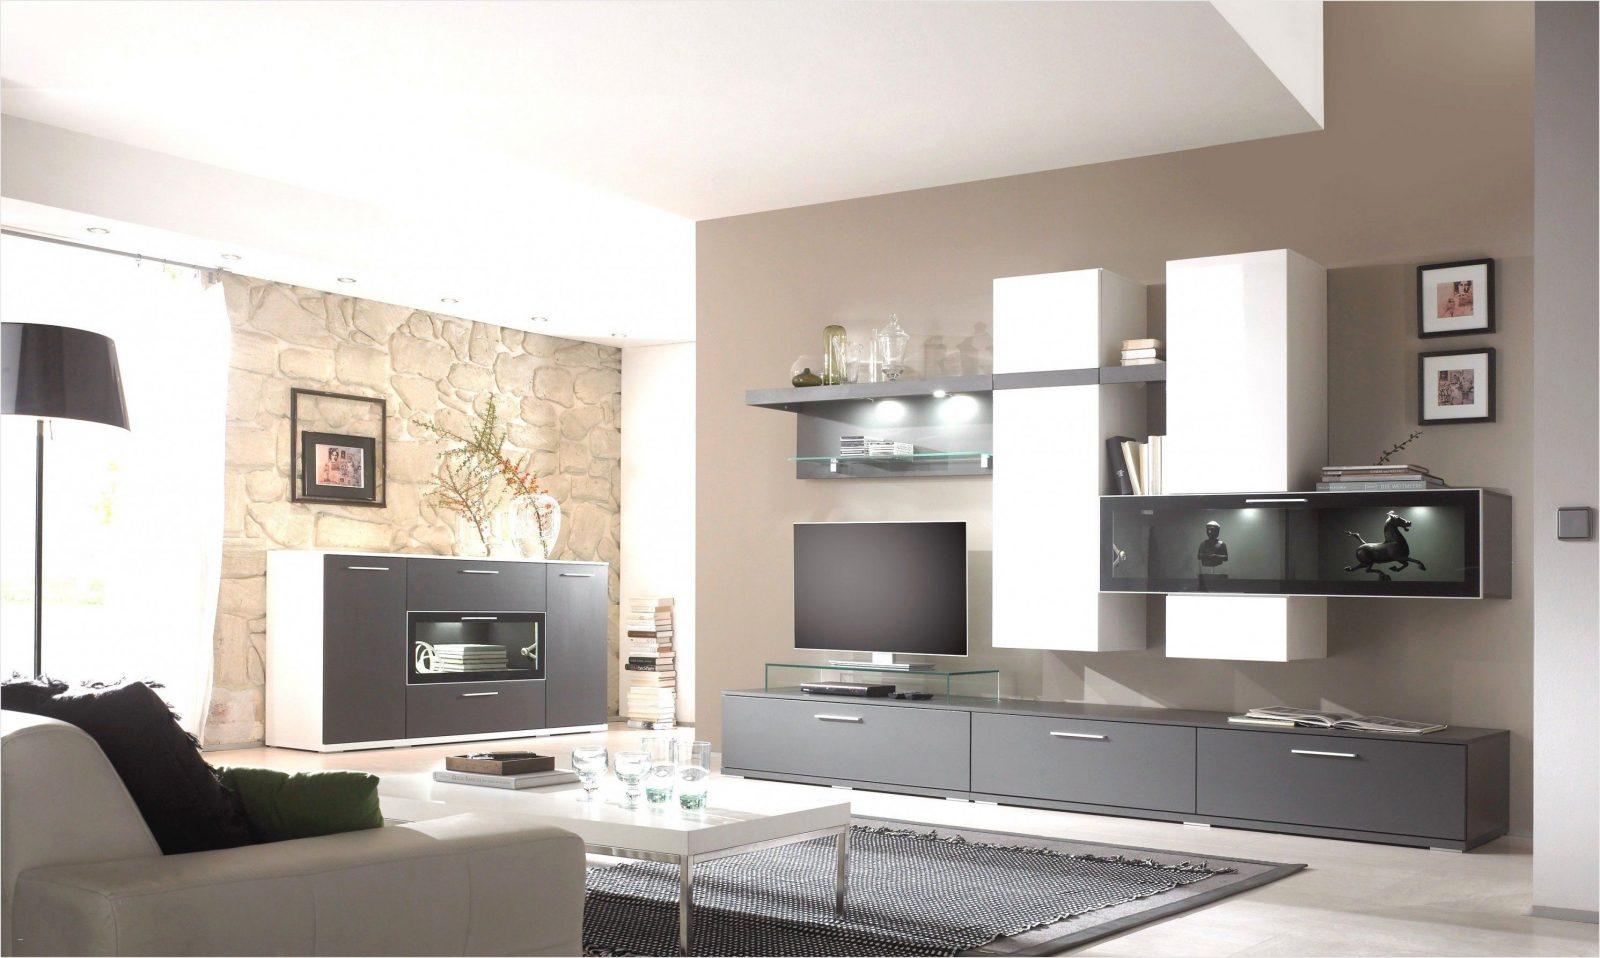 Welche Wandfarbe Für Wohnzimmer Neu 39 Warme Farben Fürs Wohnzimmer ...